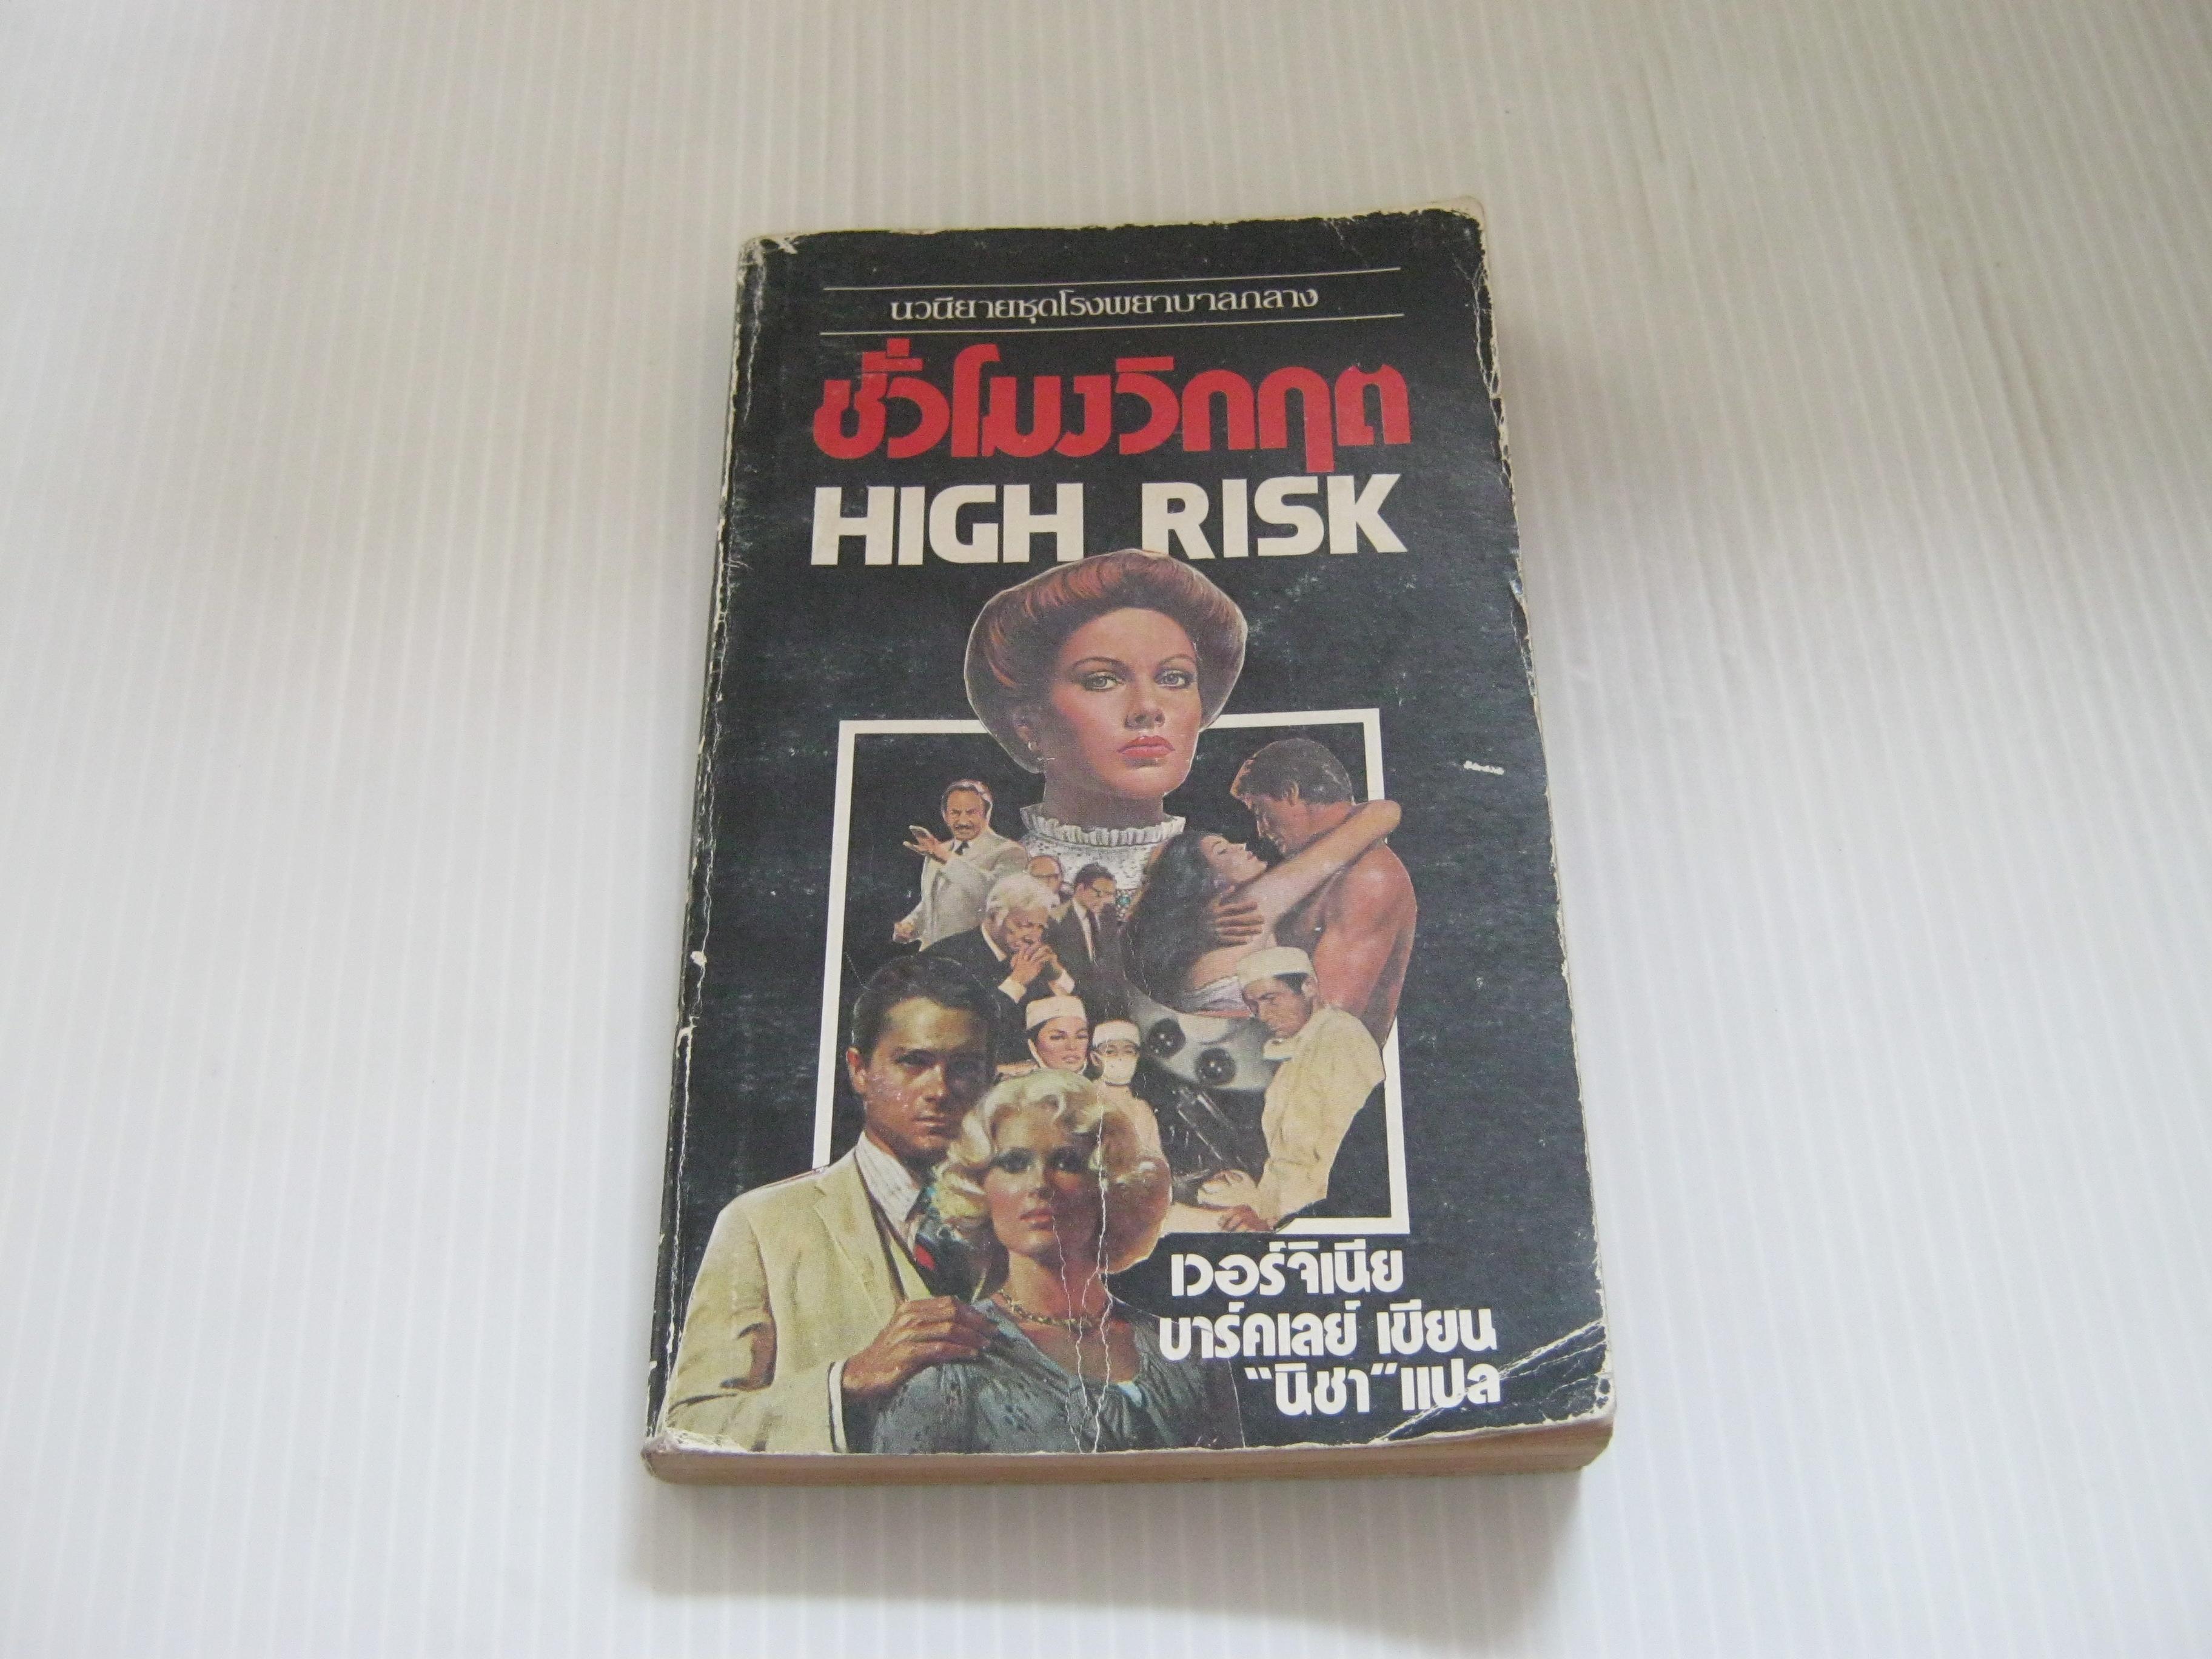 """ชั่งโมงวิกฤต (High Risk) เวอร์จิเนีย บาร์คเลย์ เขียน """"นิชา"""" แปล"""